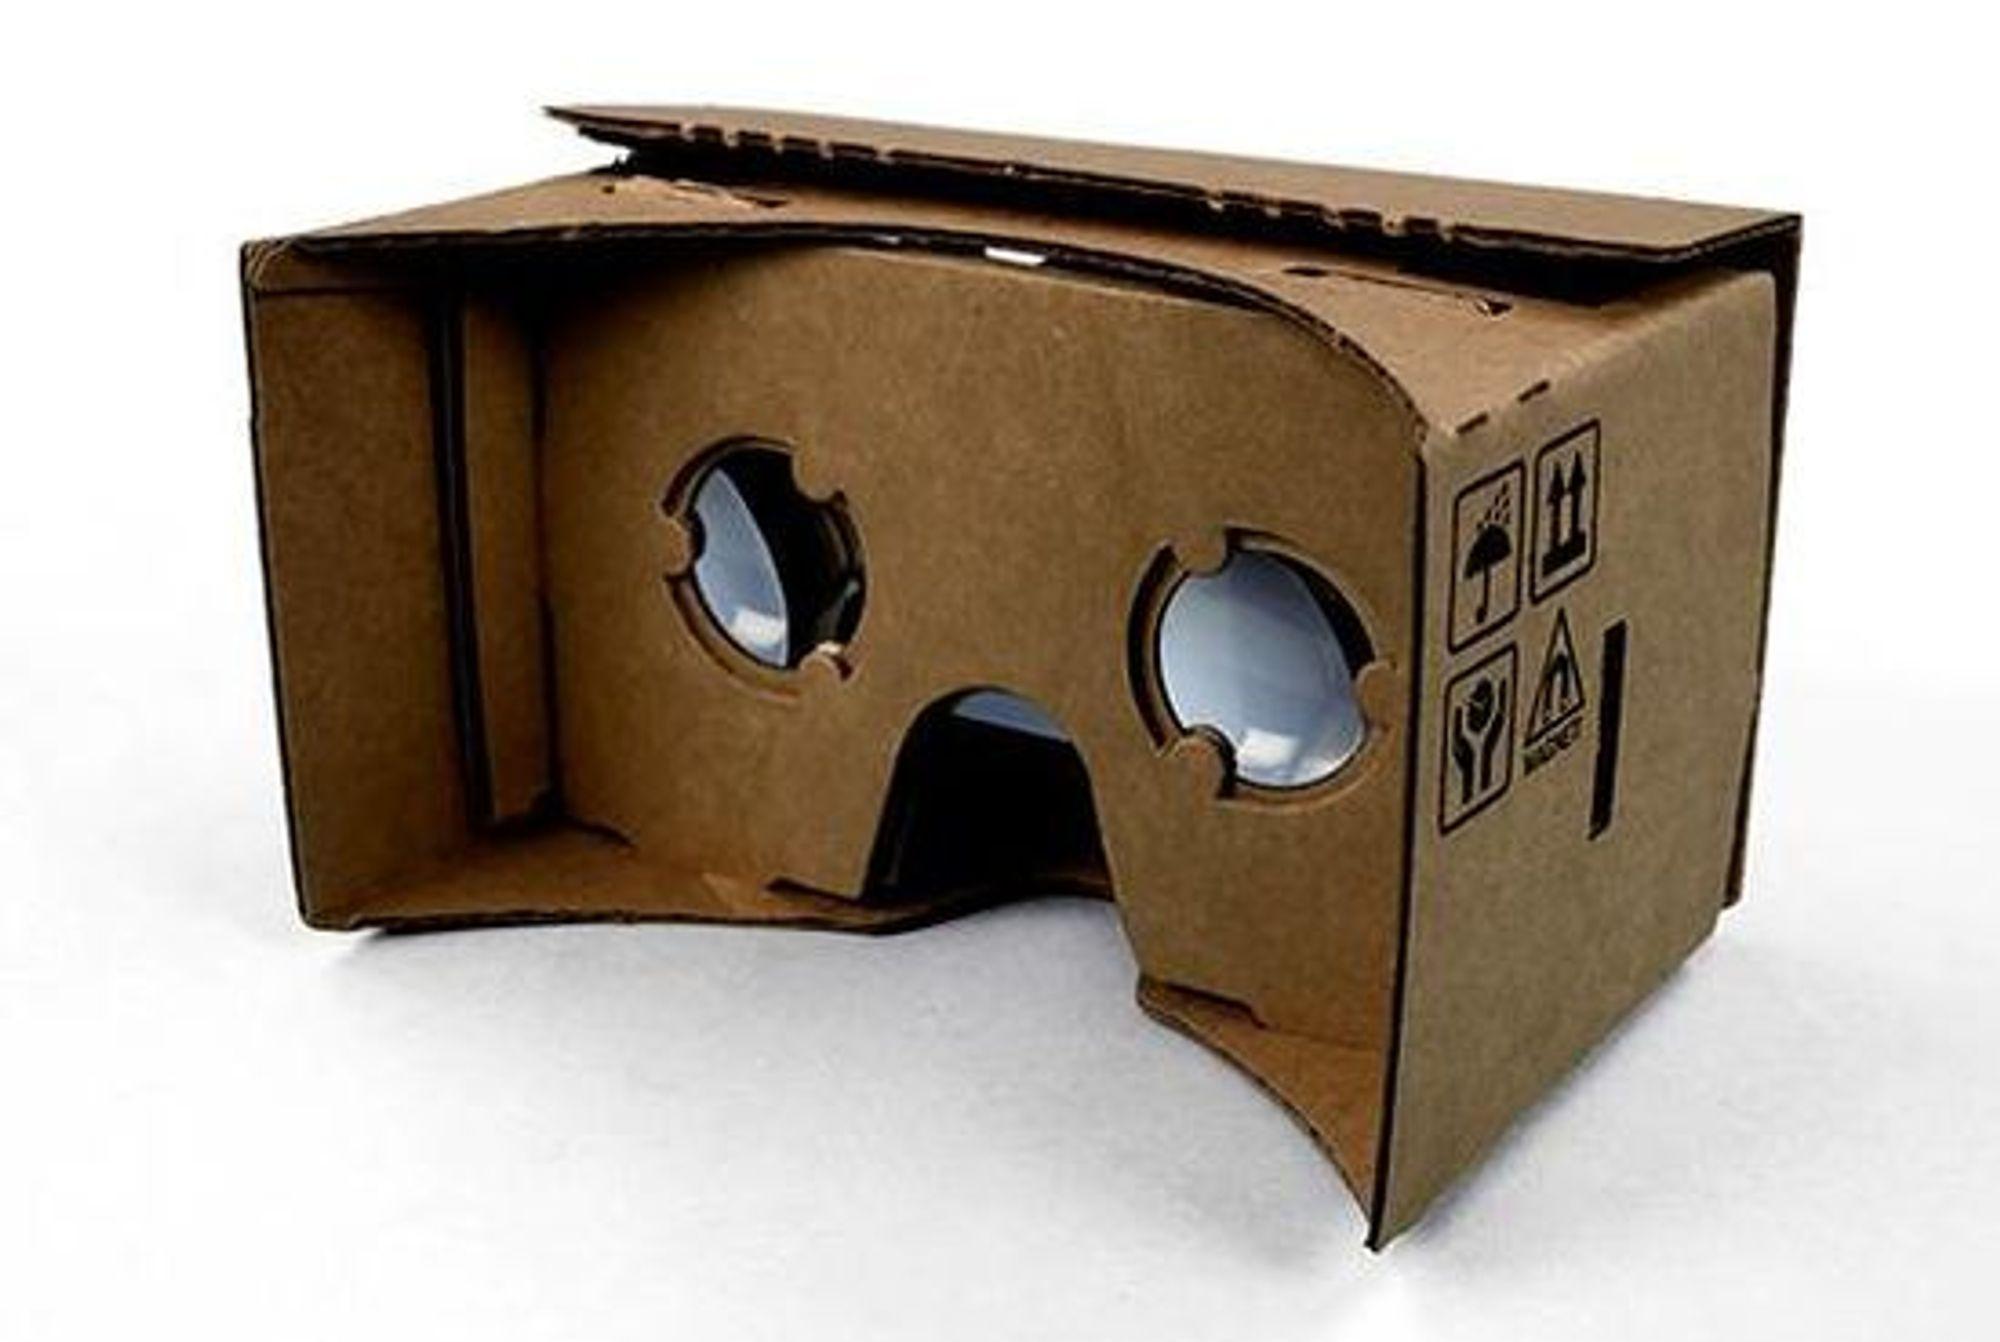 Cardboard, slik den ser ut når den er ferdig brettet. Smartmobilen legges inn bak en luke på motsatt side av den som vises på bildet.